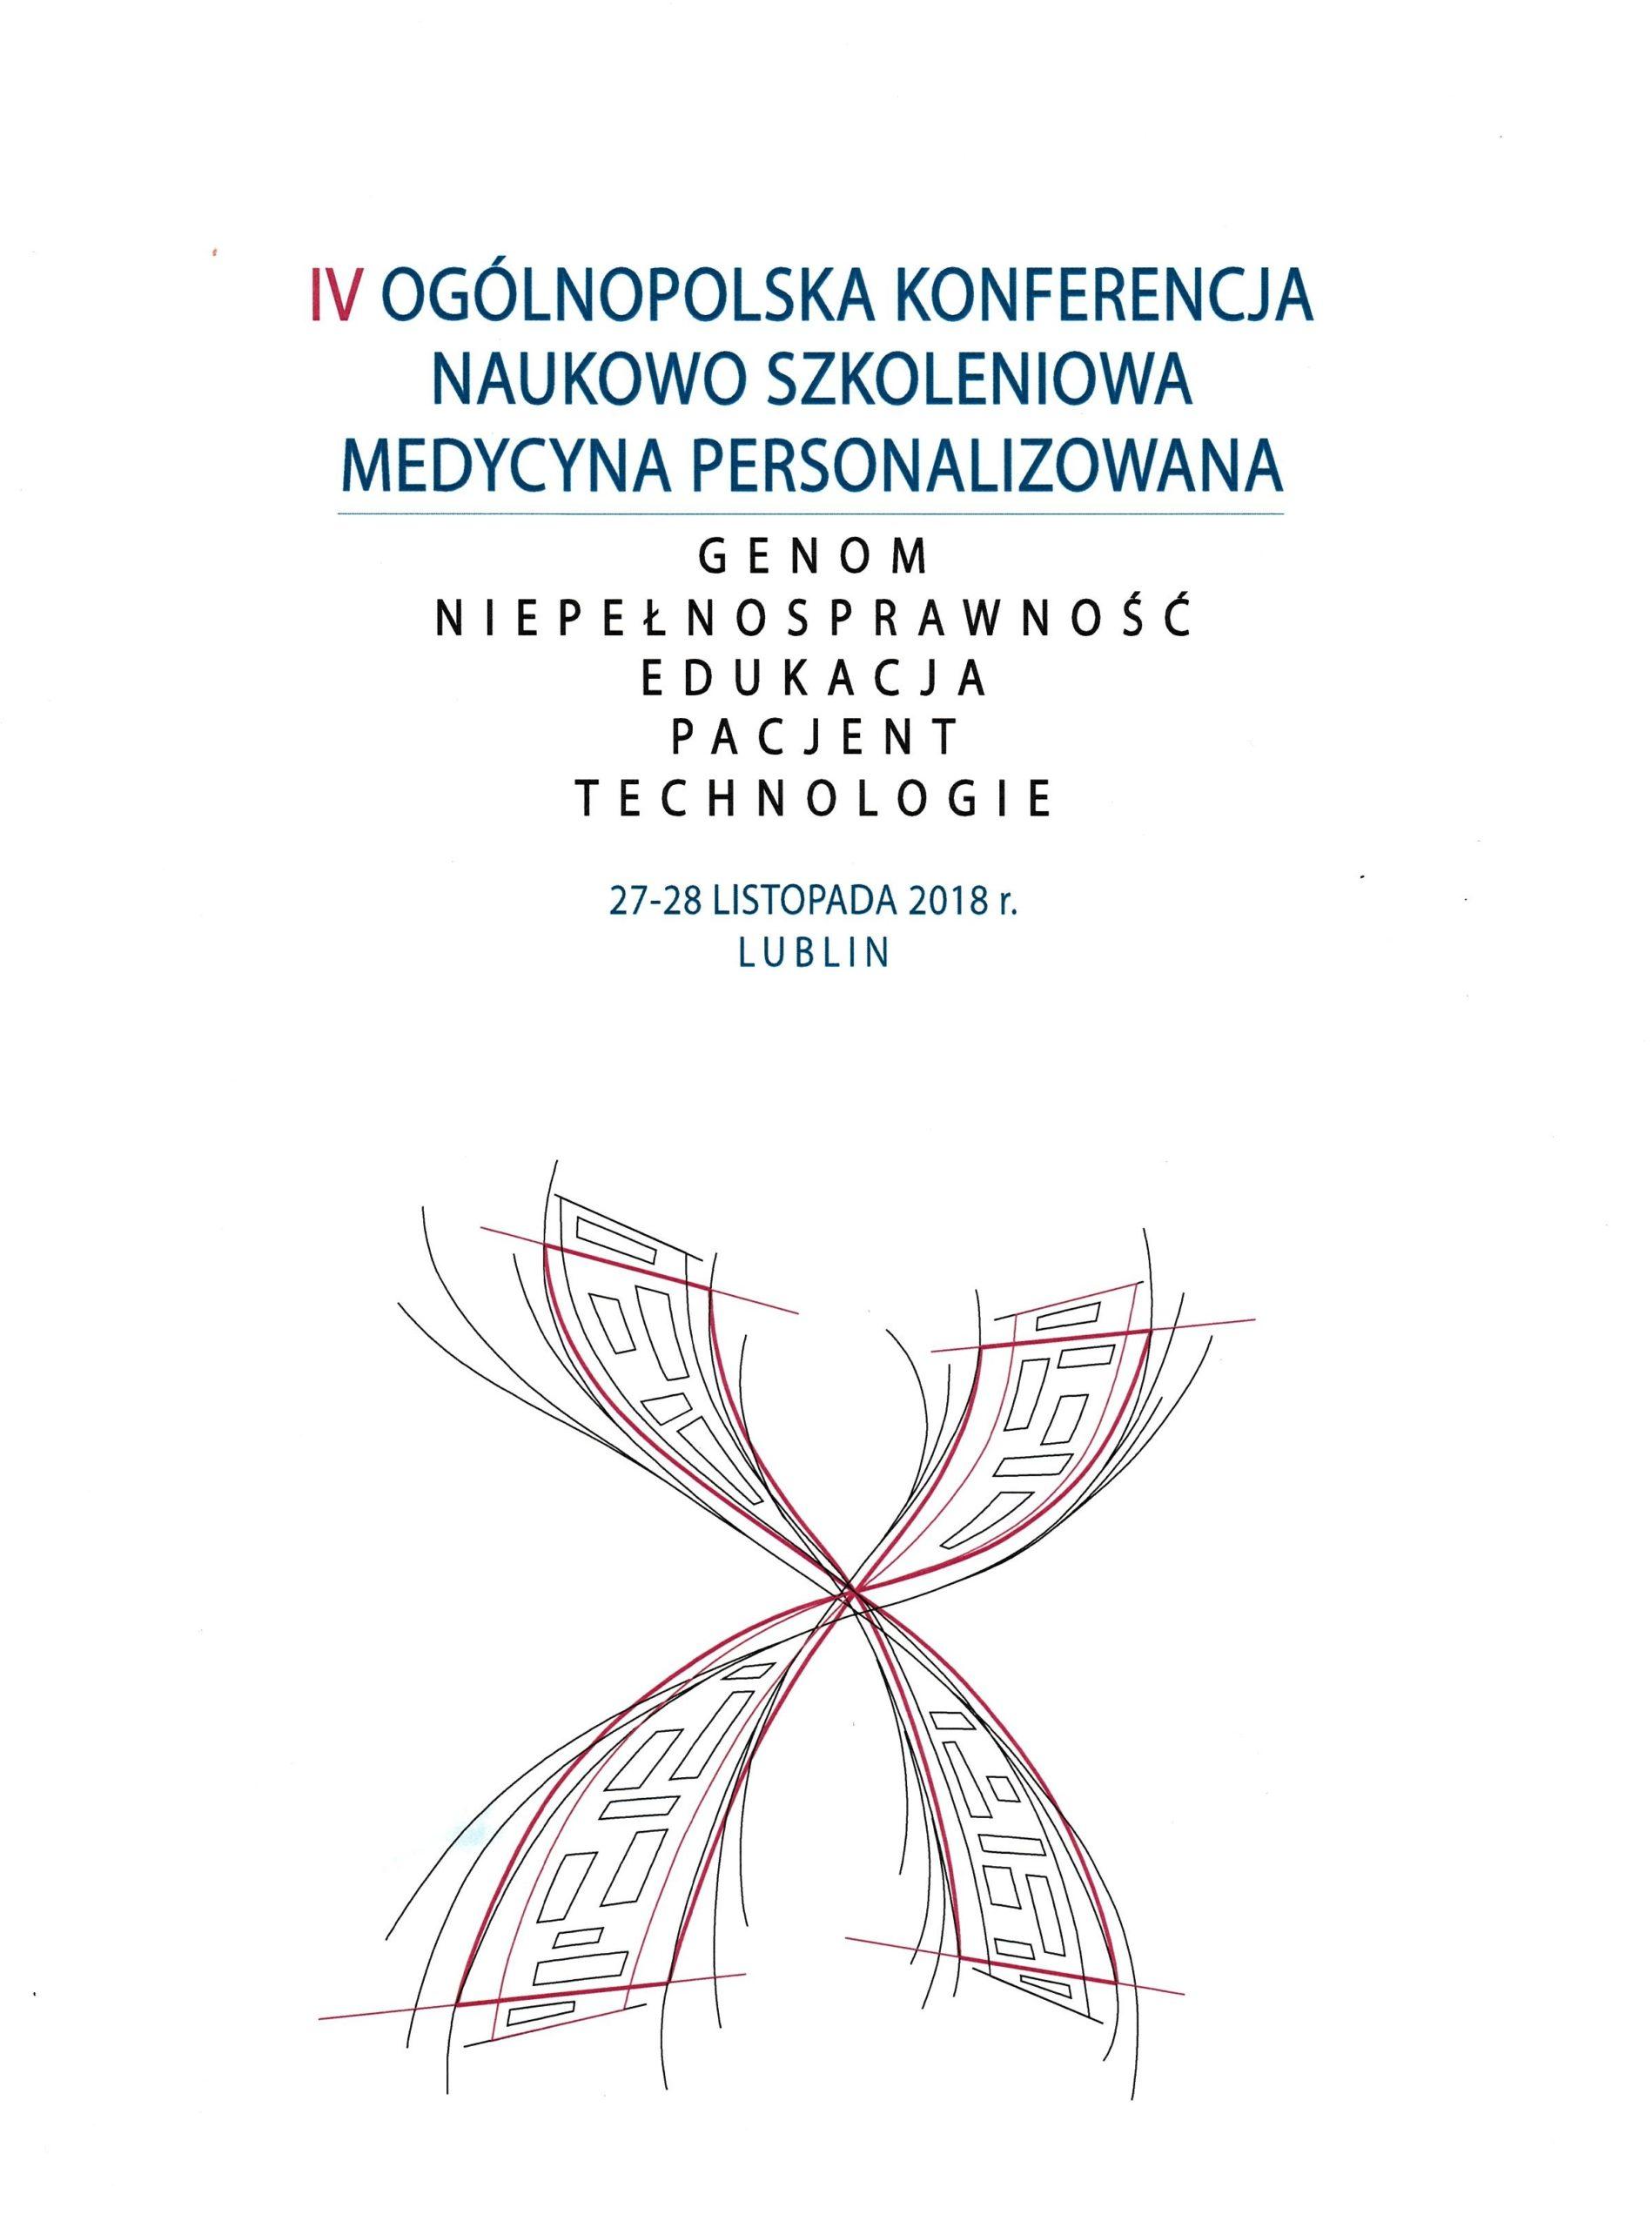 """19.11.2020 r., V Ogólnopolska Konferencja Naukowa """"Medycyna personalizowana – Genom – Diagnostyka – Edukacja- Opieka Spersonalizowana"""""""